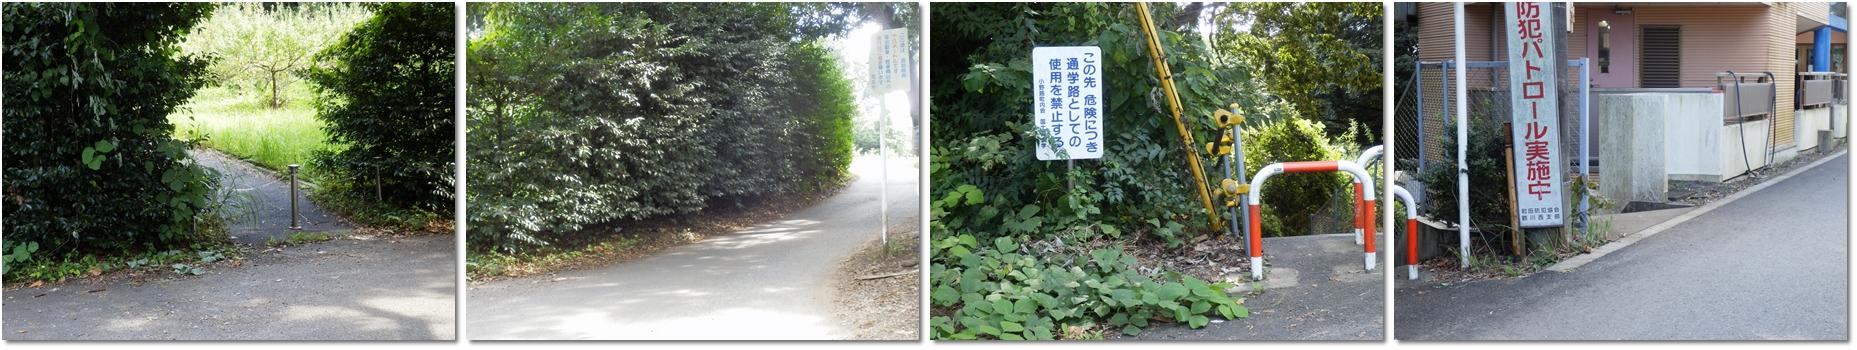 横山の道horz2